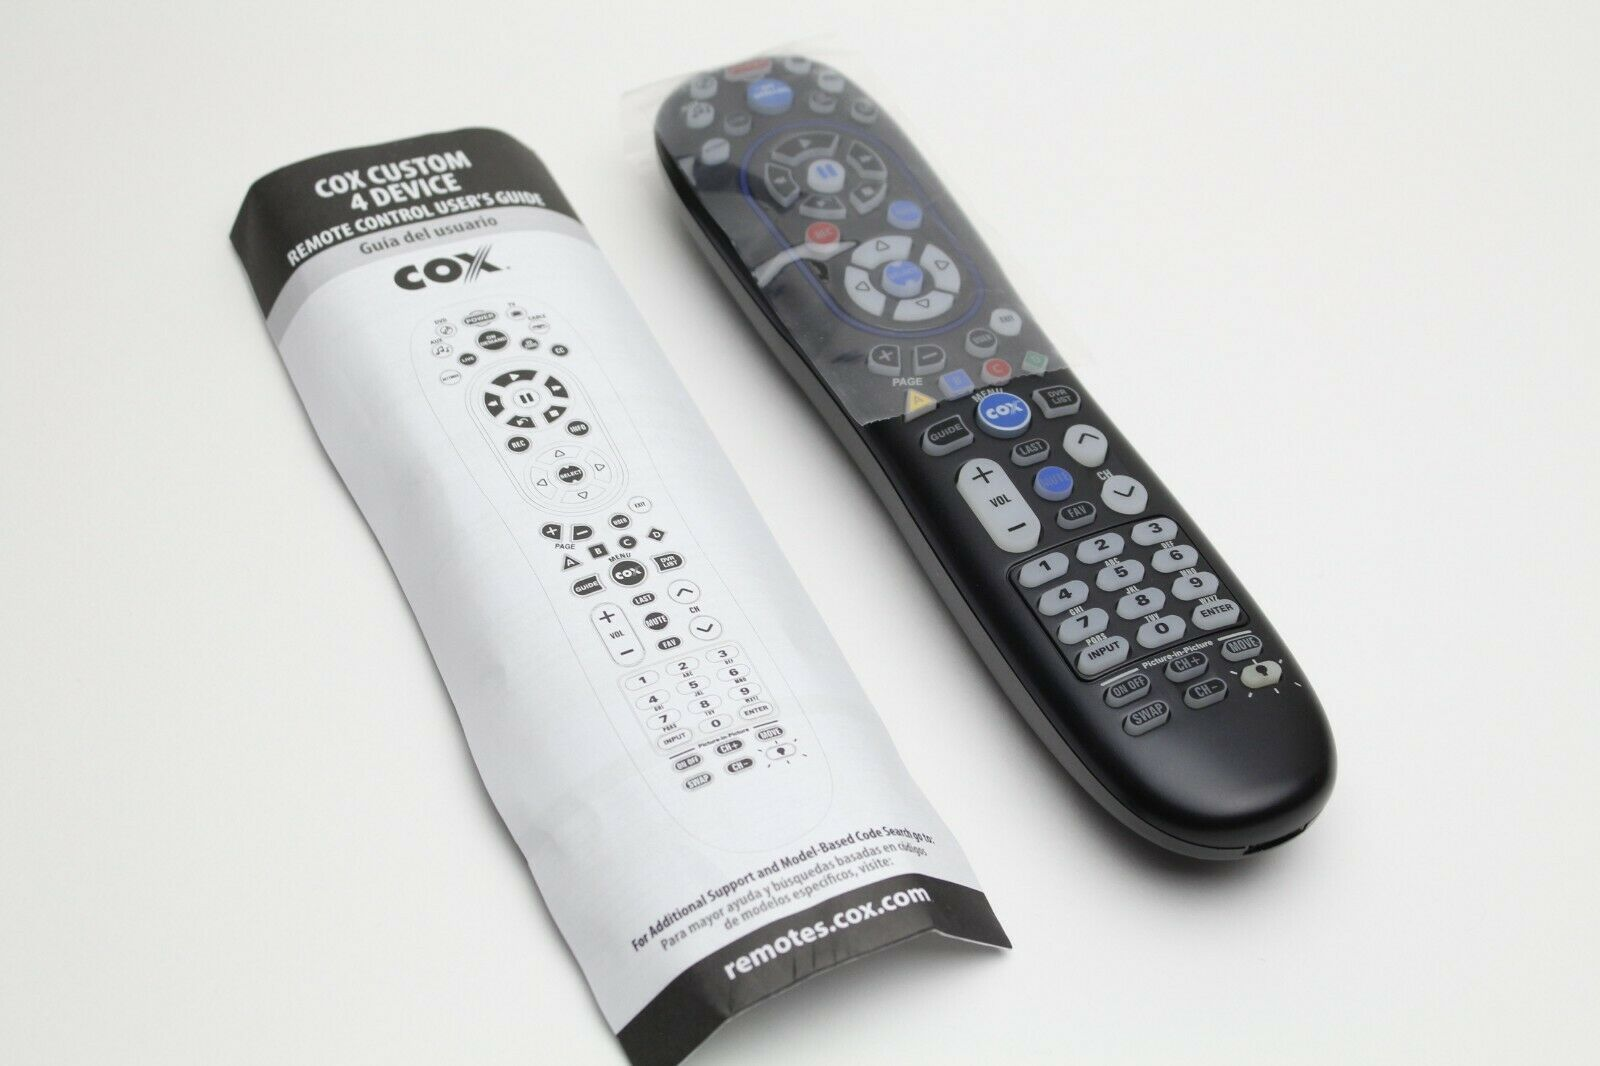 Cox Cable 4 Device Universal Remote Control URC 8820 CISCO